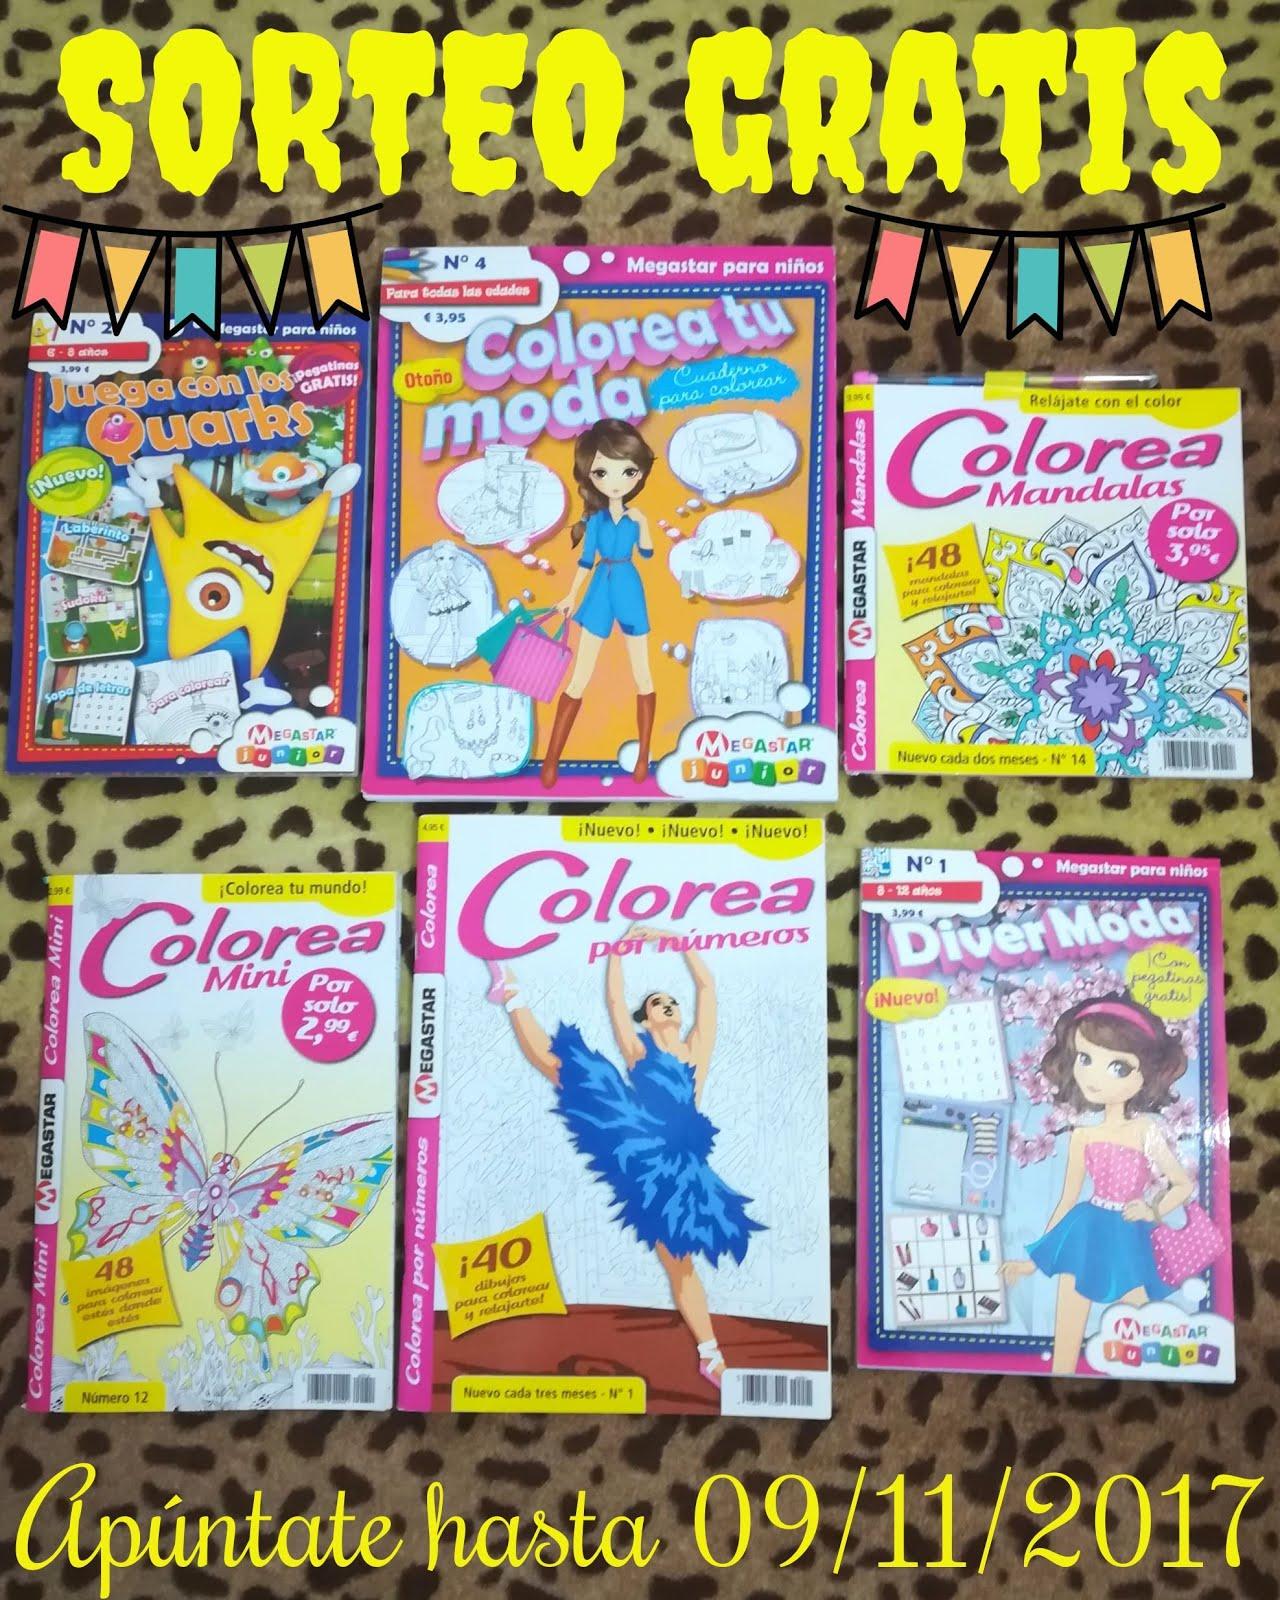 Sorteo: Gana un lote de revistas ¨Megastar¨